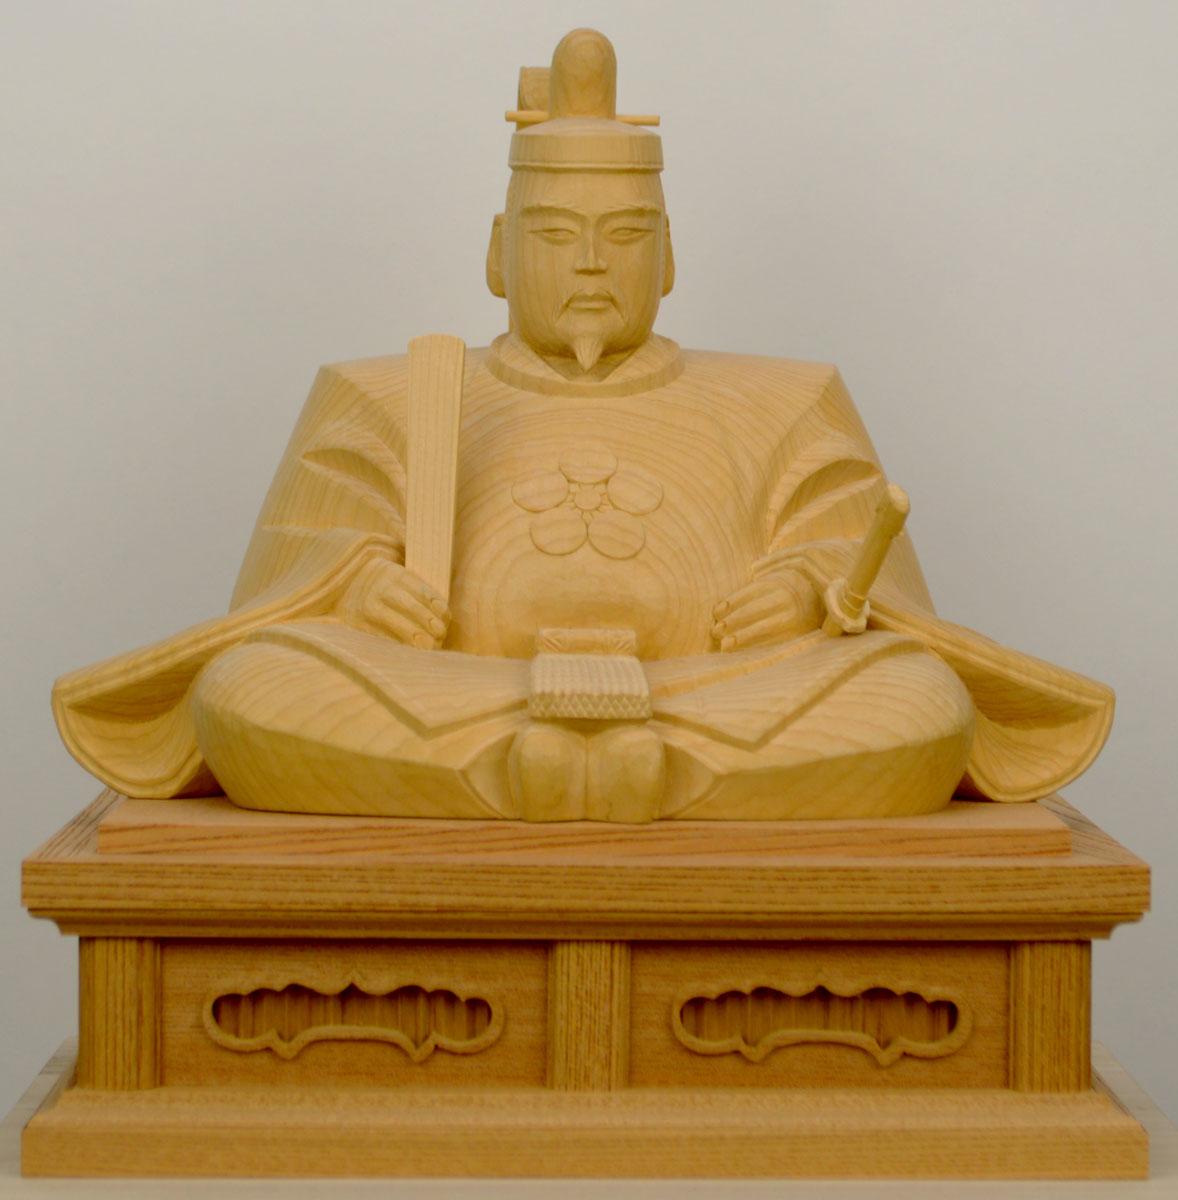 【天神様】井波彫刻『菅原道真公』八寸 榧(かや)石井 米児(いしい よねじ)※お道具セット付き※1品ごとに木目が異なります。